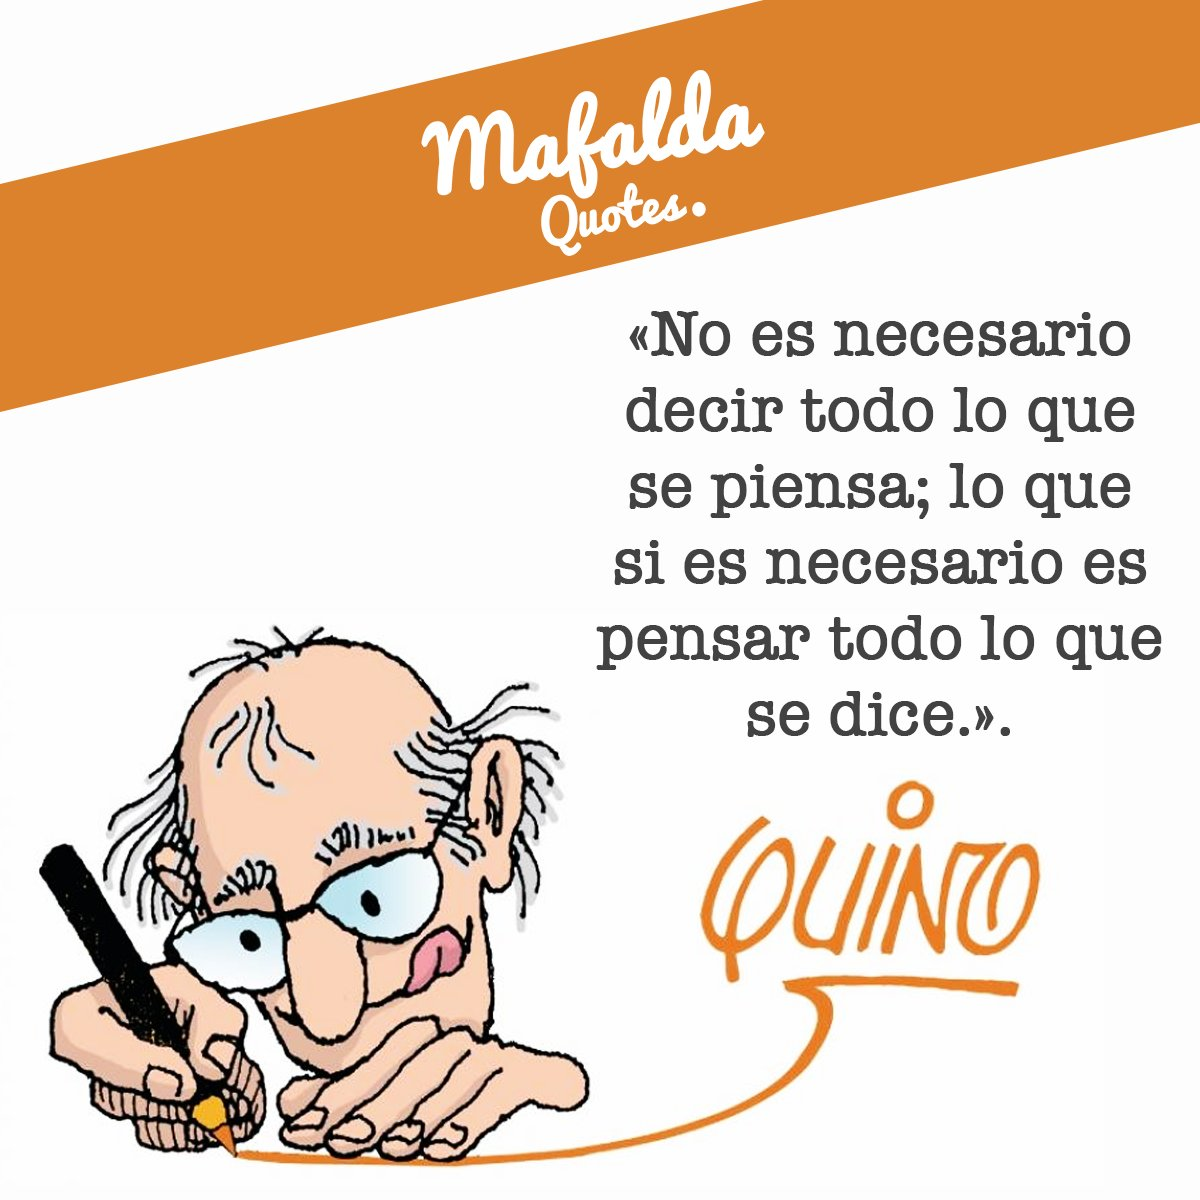 Buen punto, mejor pensar lo que decimos antes de decir una barbaridad  #Mafalda  #book #read #socialenvy https://t.co/N9OezYN7rI